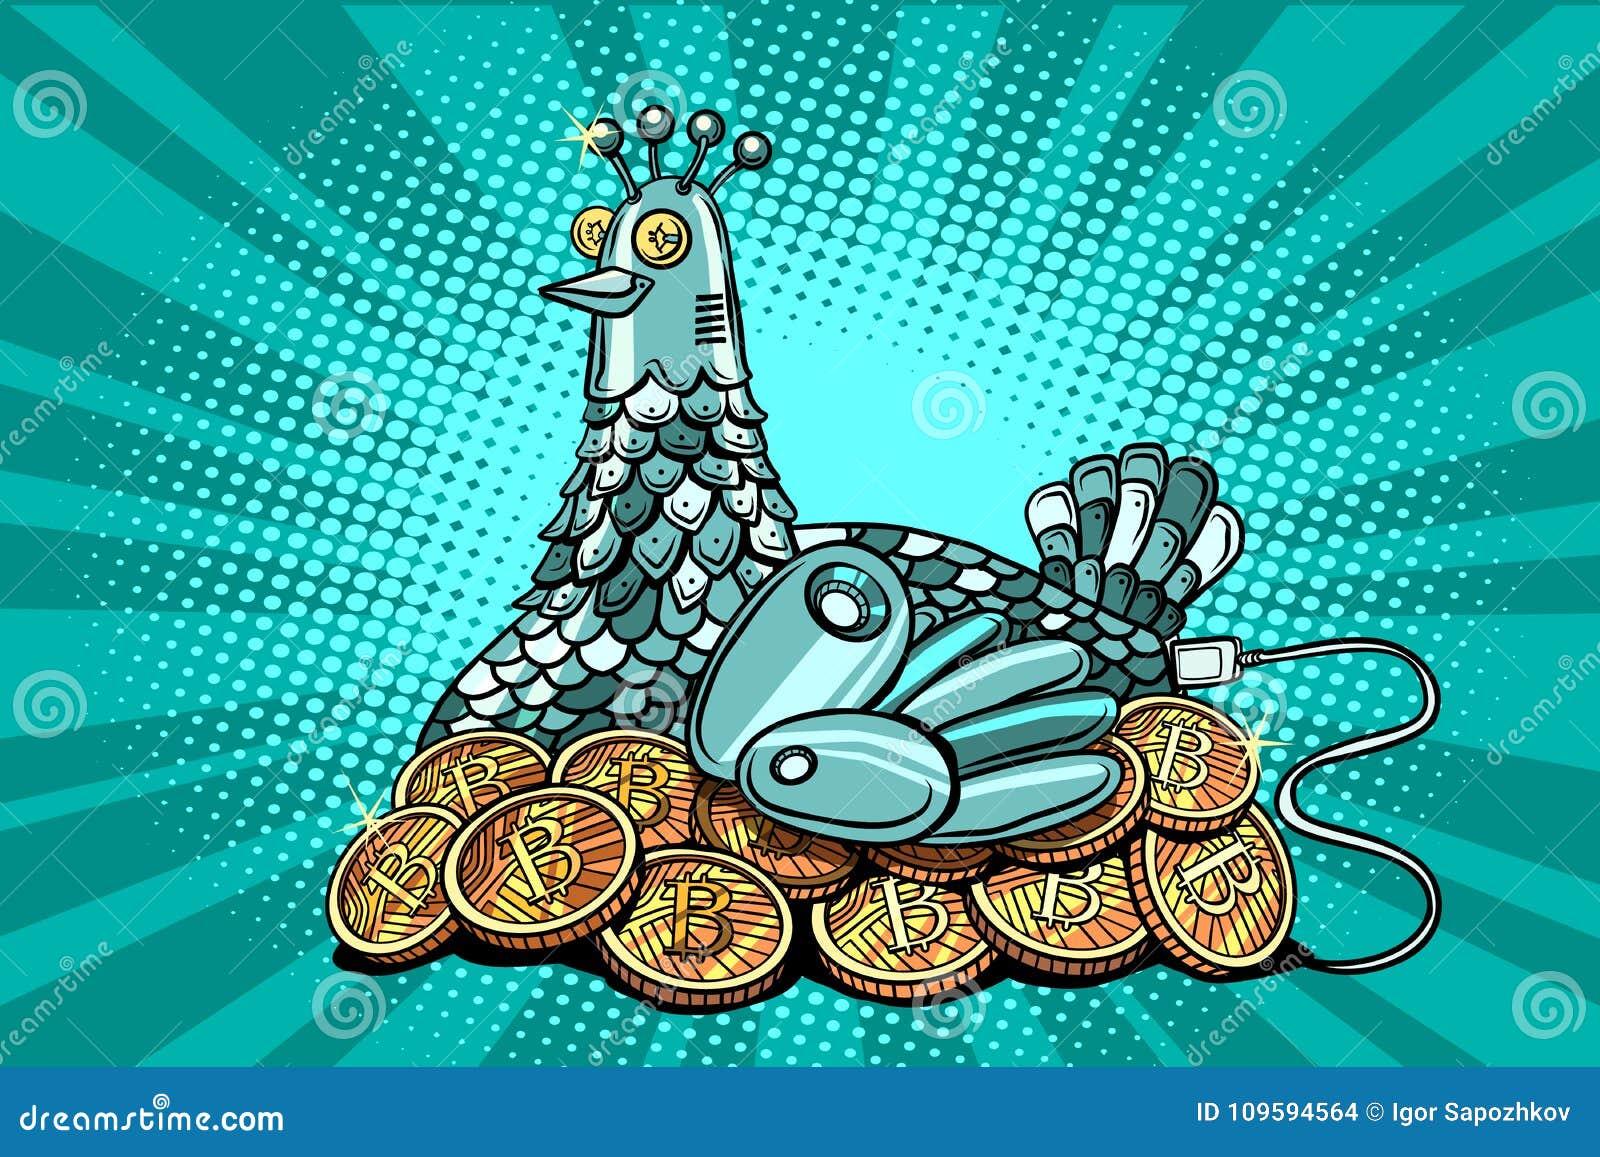 gallina bitcoin